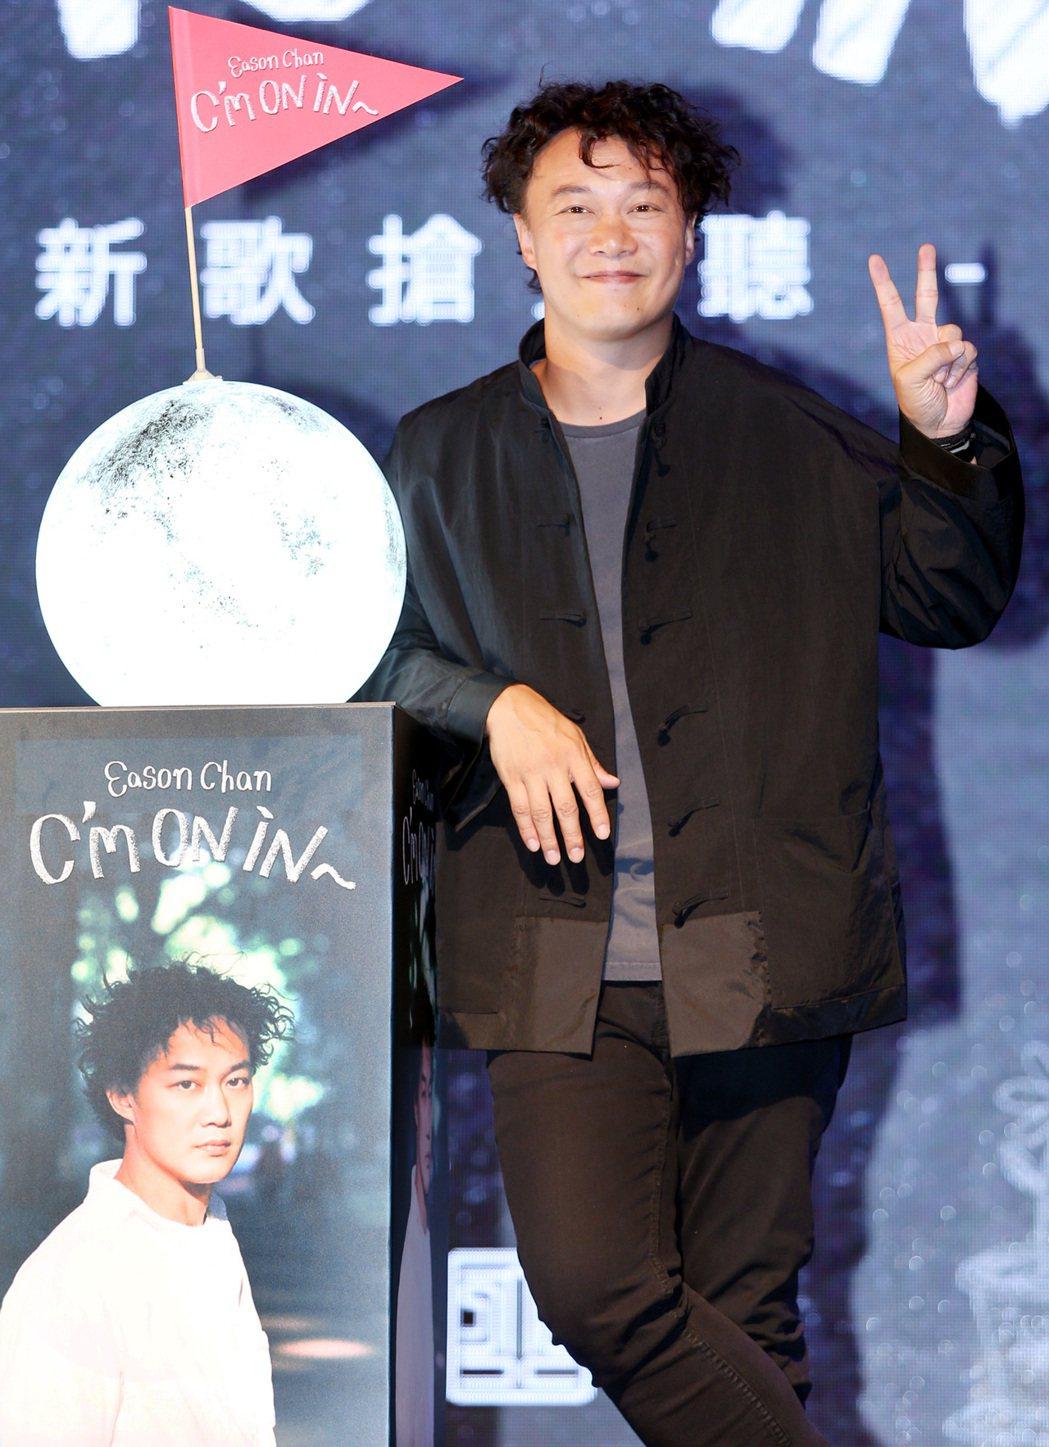 陳奕迅即將於10月發行全新國語專輯。記者侯永全/攝影